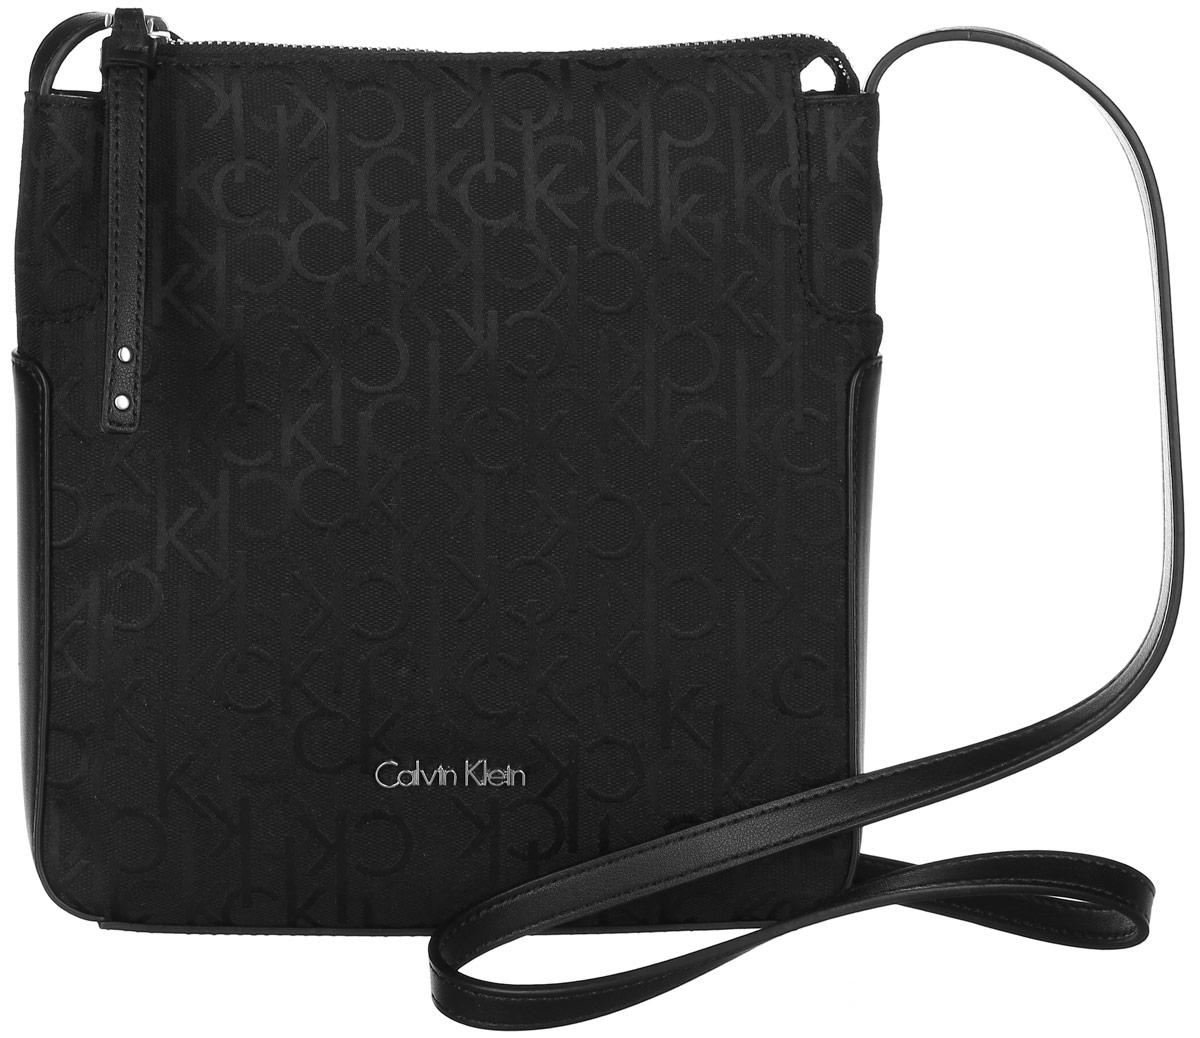 Сумка женская Calvin Klein Jeans, цвет: черный. K60K602236_0010A16-11101_325Стильная сумка Calvin Klein не оставит вас равнодушной благодаря своему дизайну и практичности. Она изготовлена из качественного хлопка с элементами из искусственной кожии оформлена фирменным принтом. Лицевая часть оформлена металлической пластинкой с названием бренда. Сумка оснащена удобным плечевым ремнем, длина которого регулируетсяс помощью пряжки. Изделие закрывается на удобную молнию. Внутри расположено главное отделение, которое содержит открытый накладной карман для мелочей.Такая удобная и модная сумка станет незаменимой вещью в вашем гардеробе.